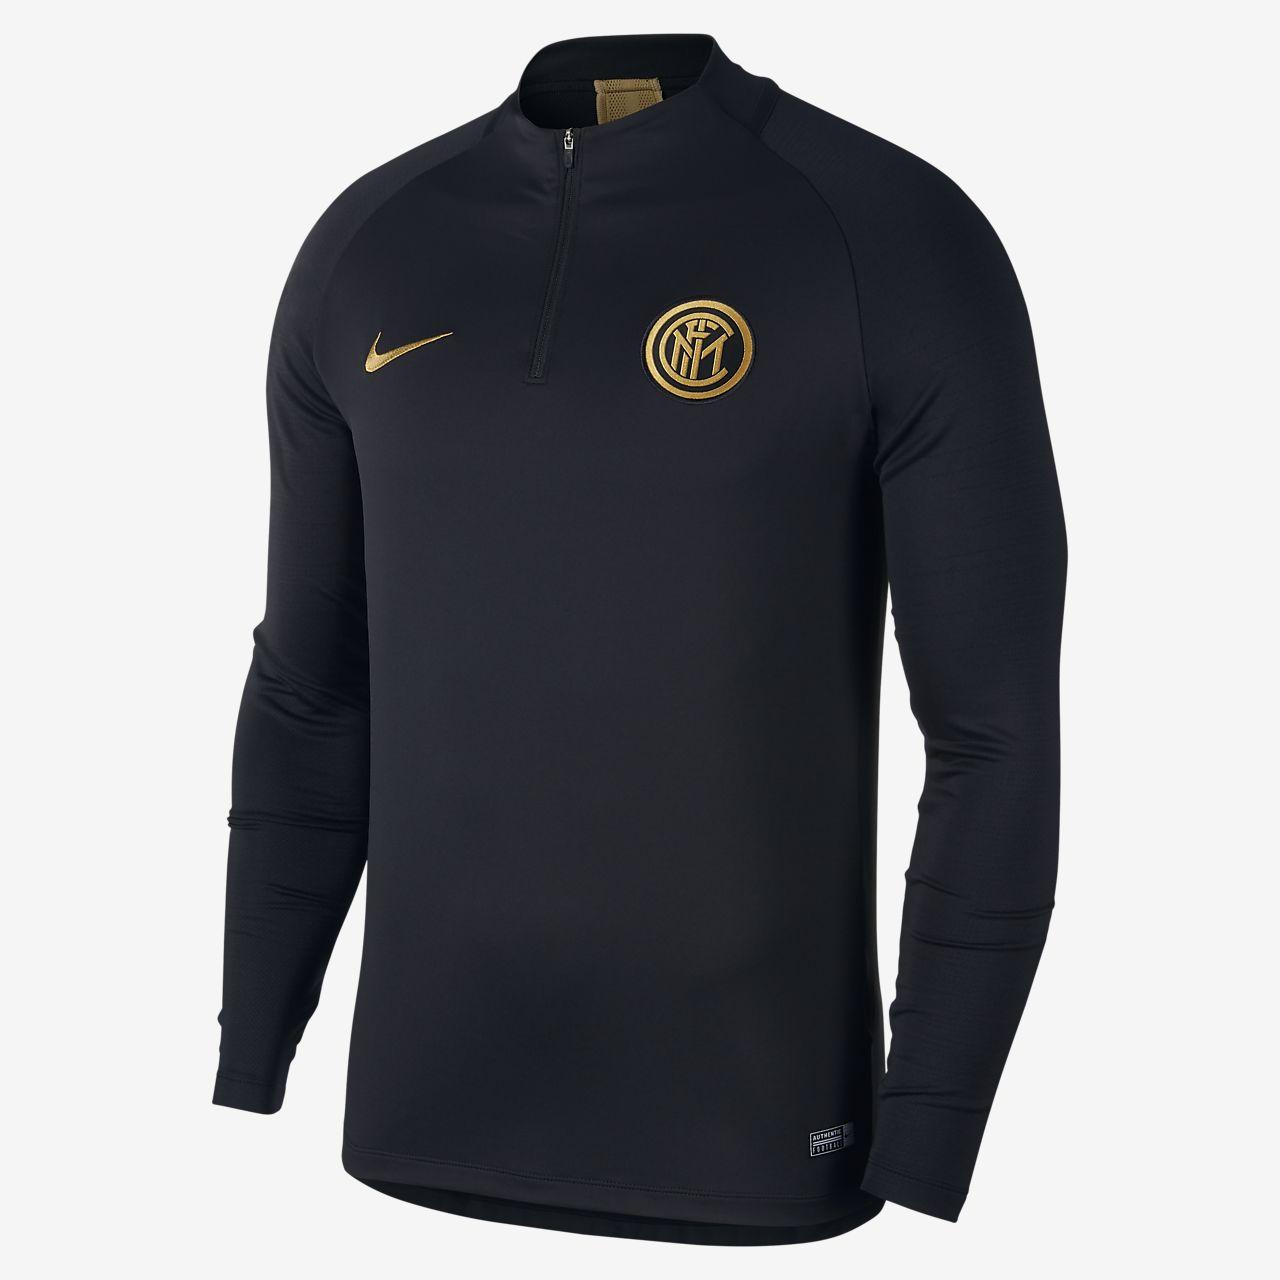 Nike Dri-FIT Inter Milan Strike fotballtreningsoverdel til herre